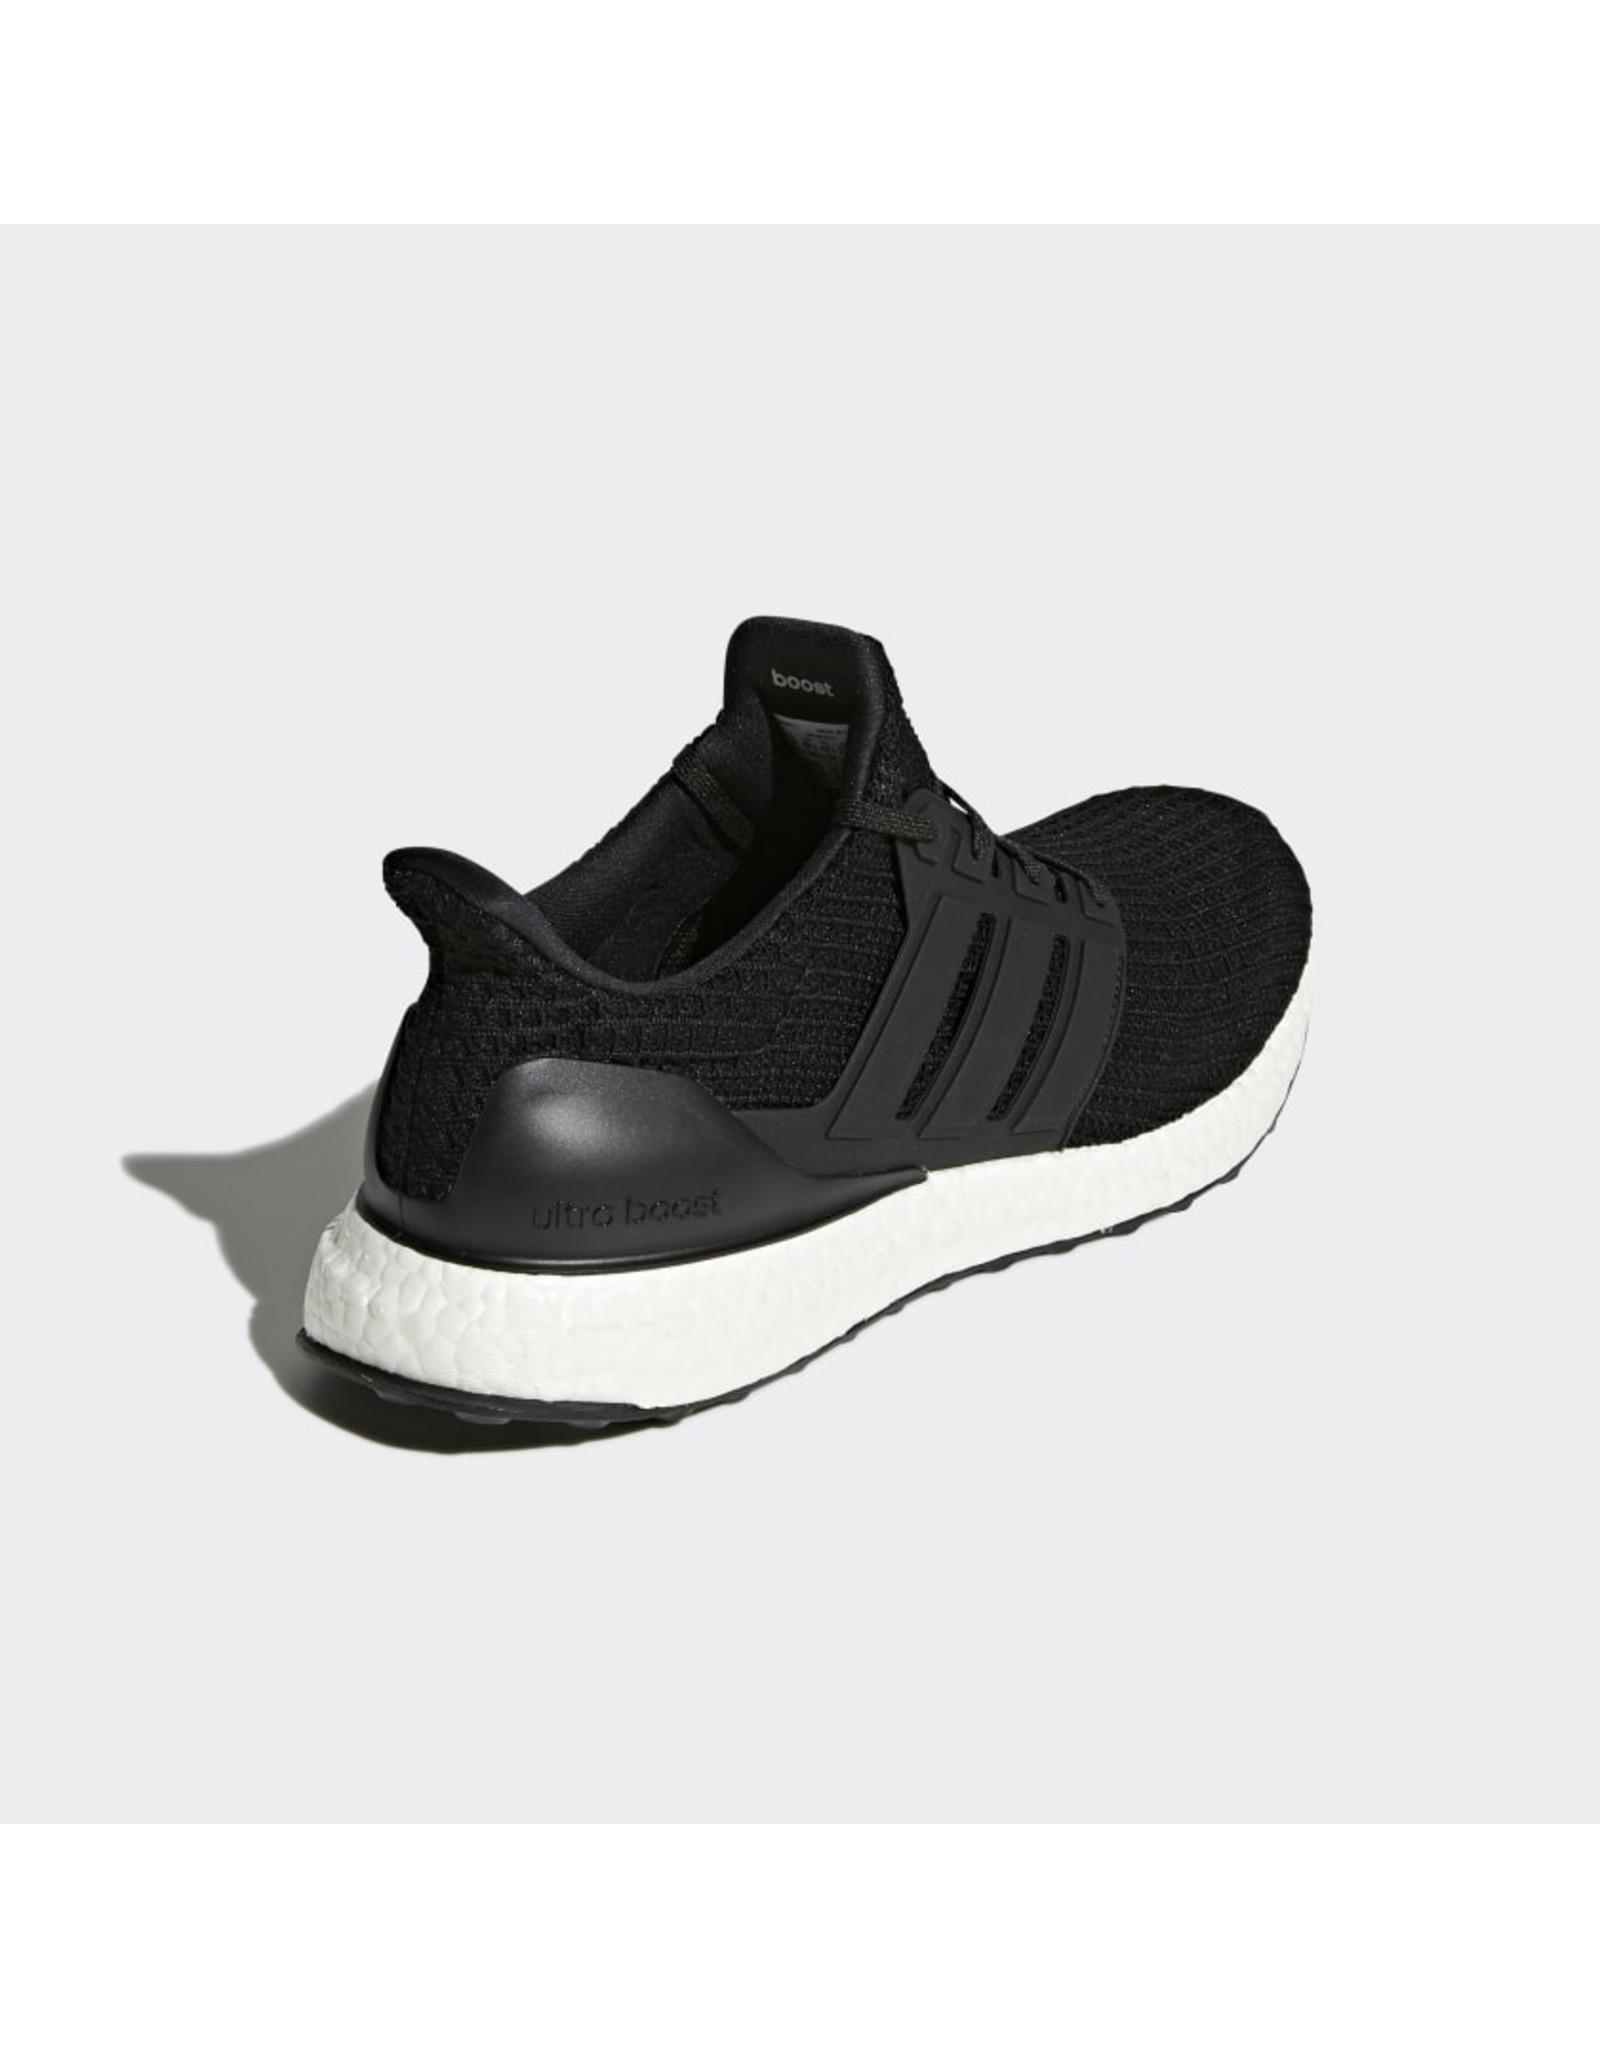 ADIDAS Adidas ultraboost